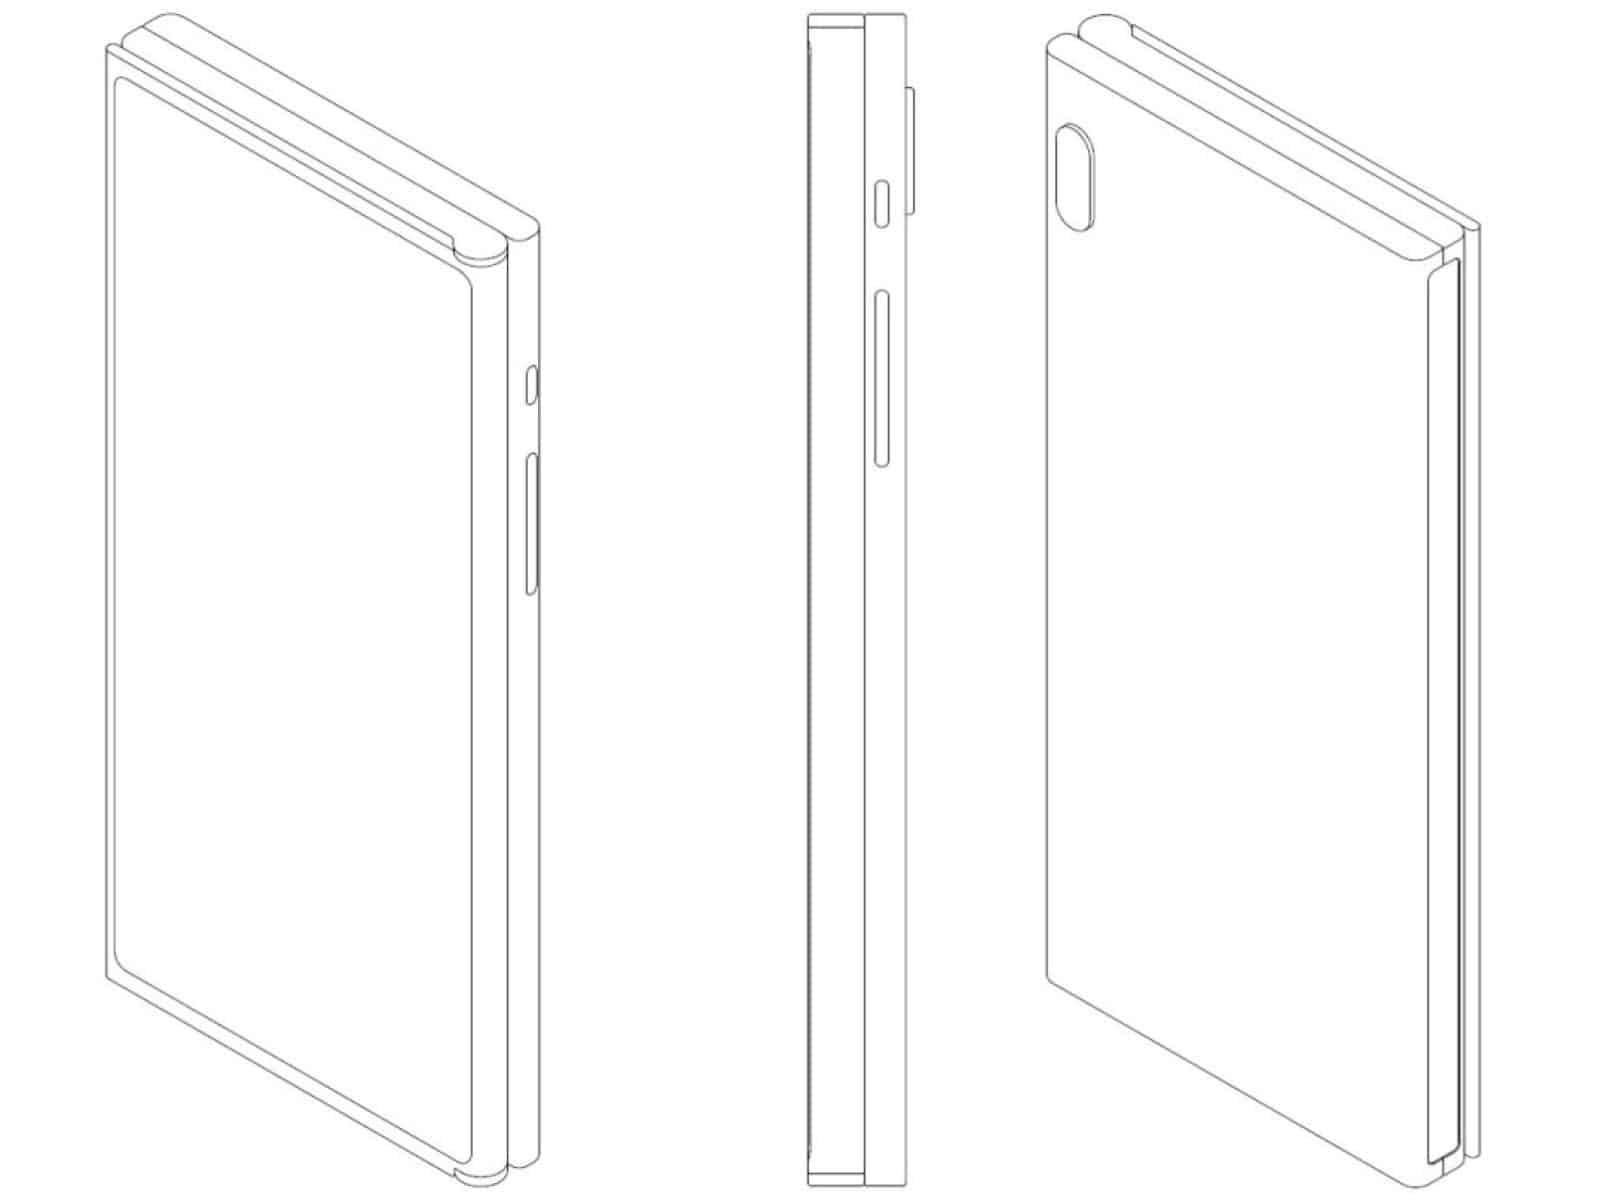 01 LG Design patent 201930089299.6